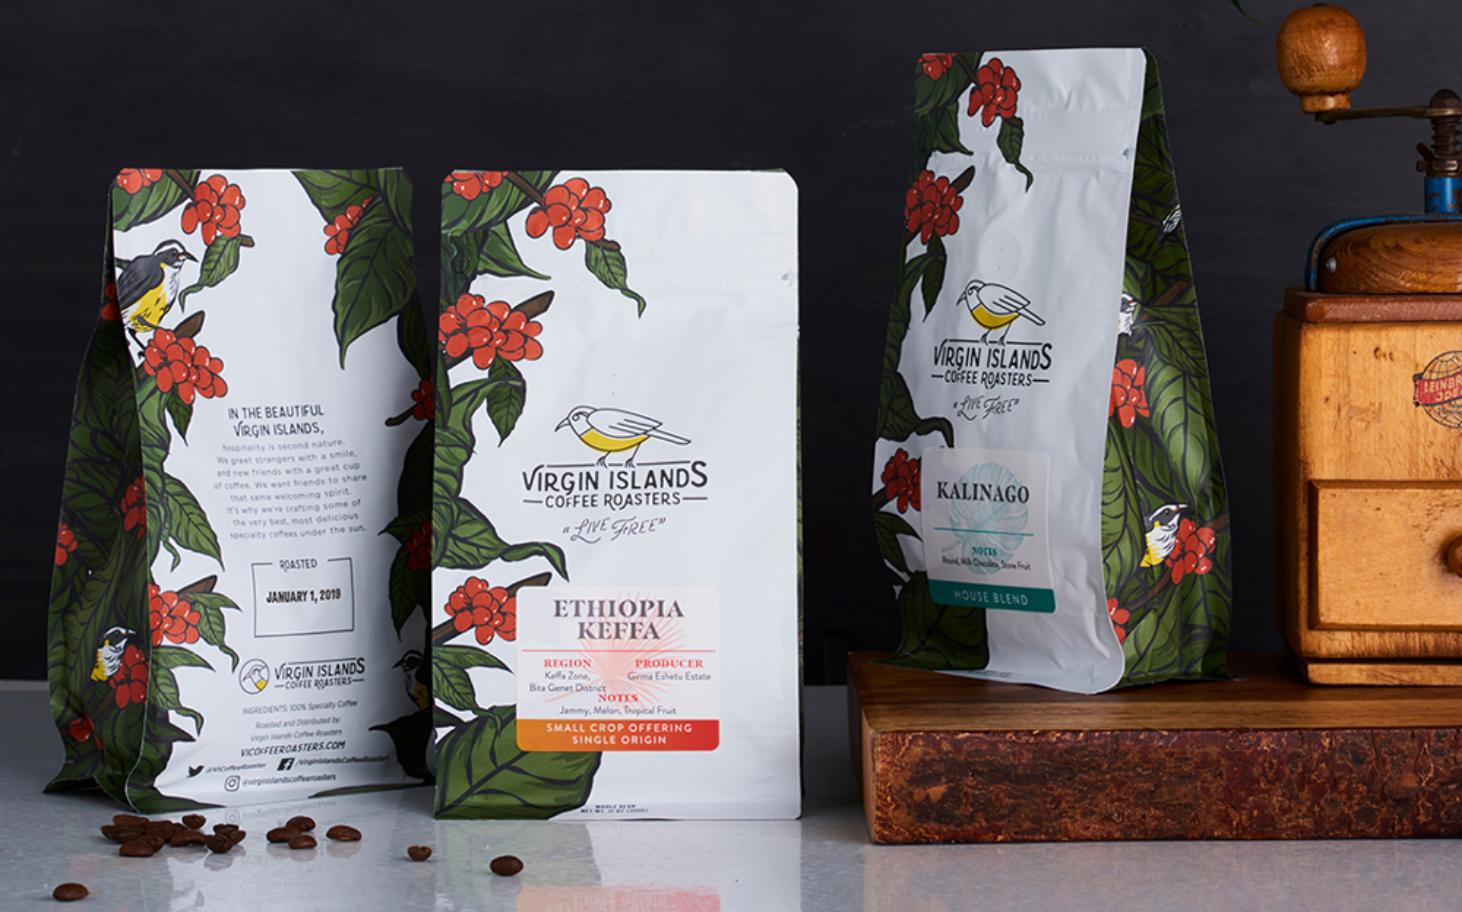 Virgin Islands Coffee Roasters Packaging Design